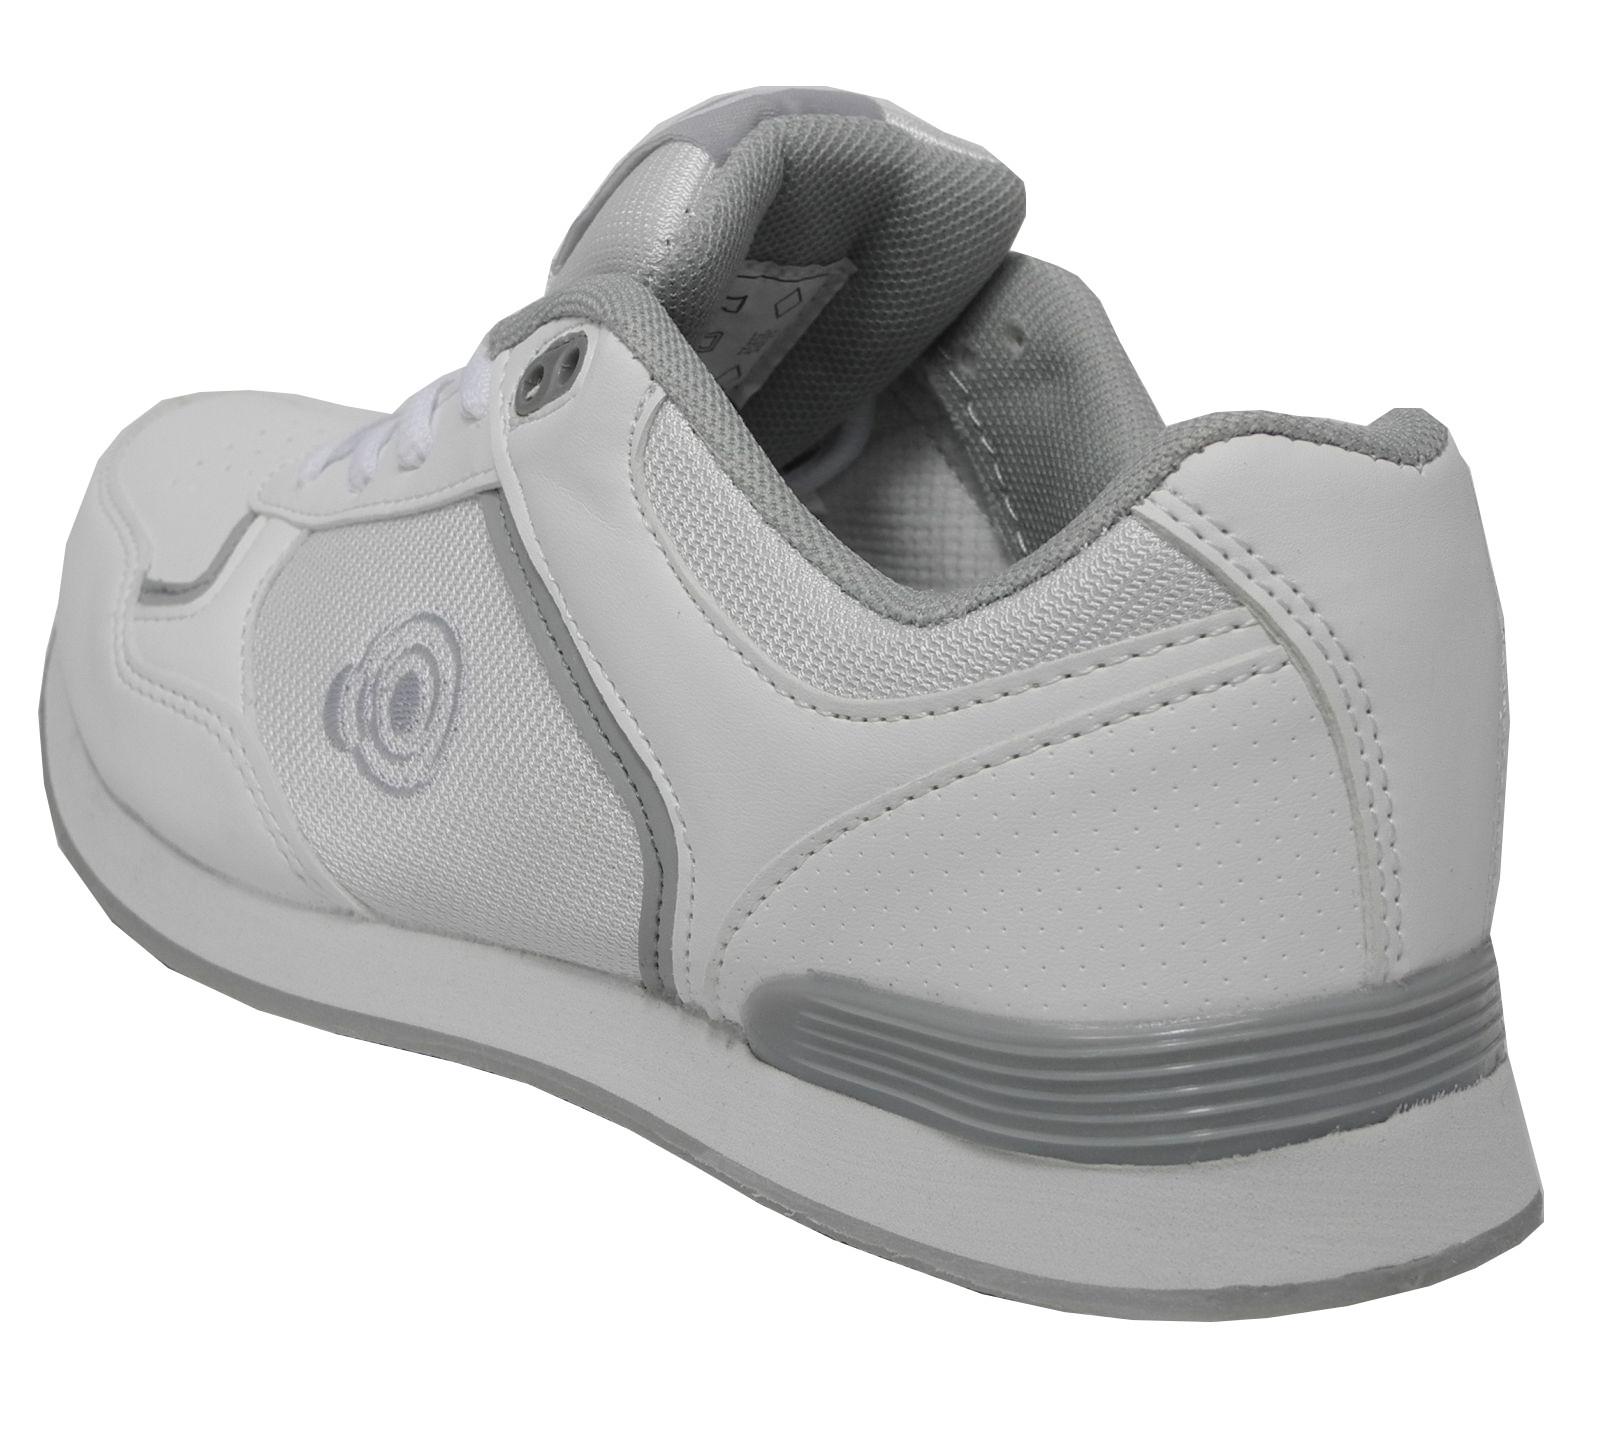 Herren Flache Sohle Leicht Geschnürt Kugeln Schuhe Bowling Turnschuhe Weiß